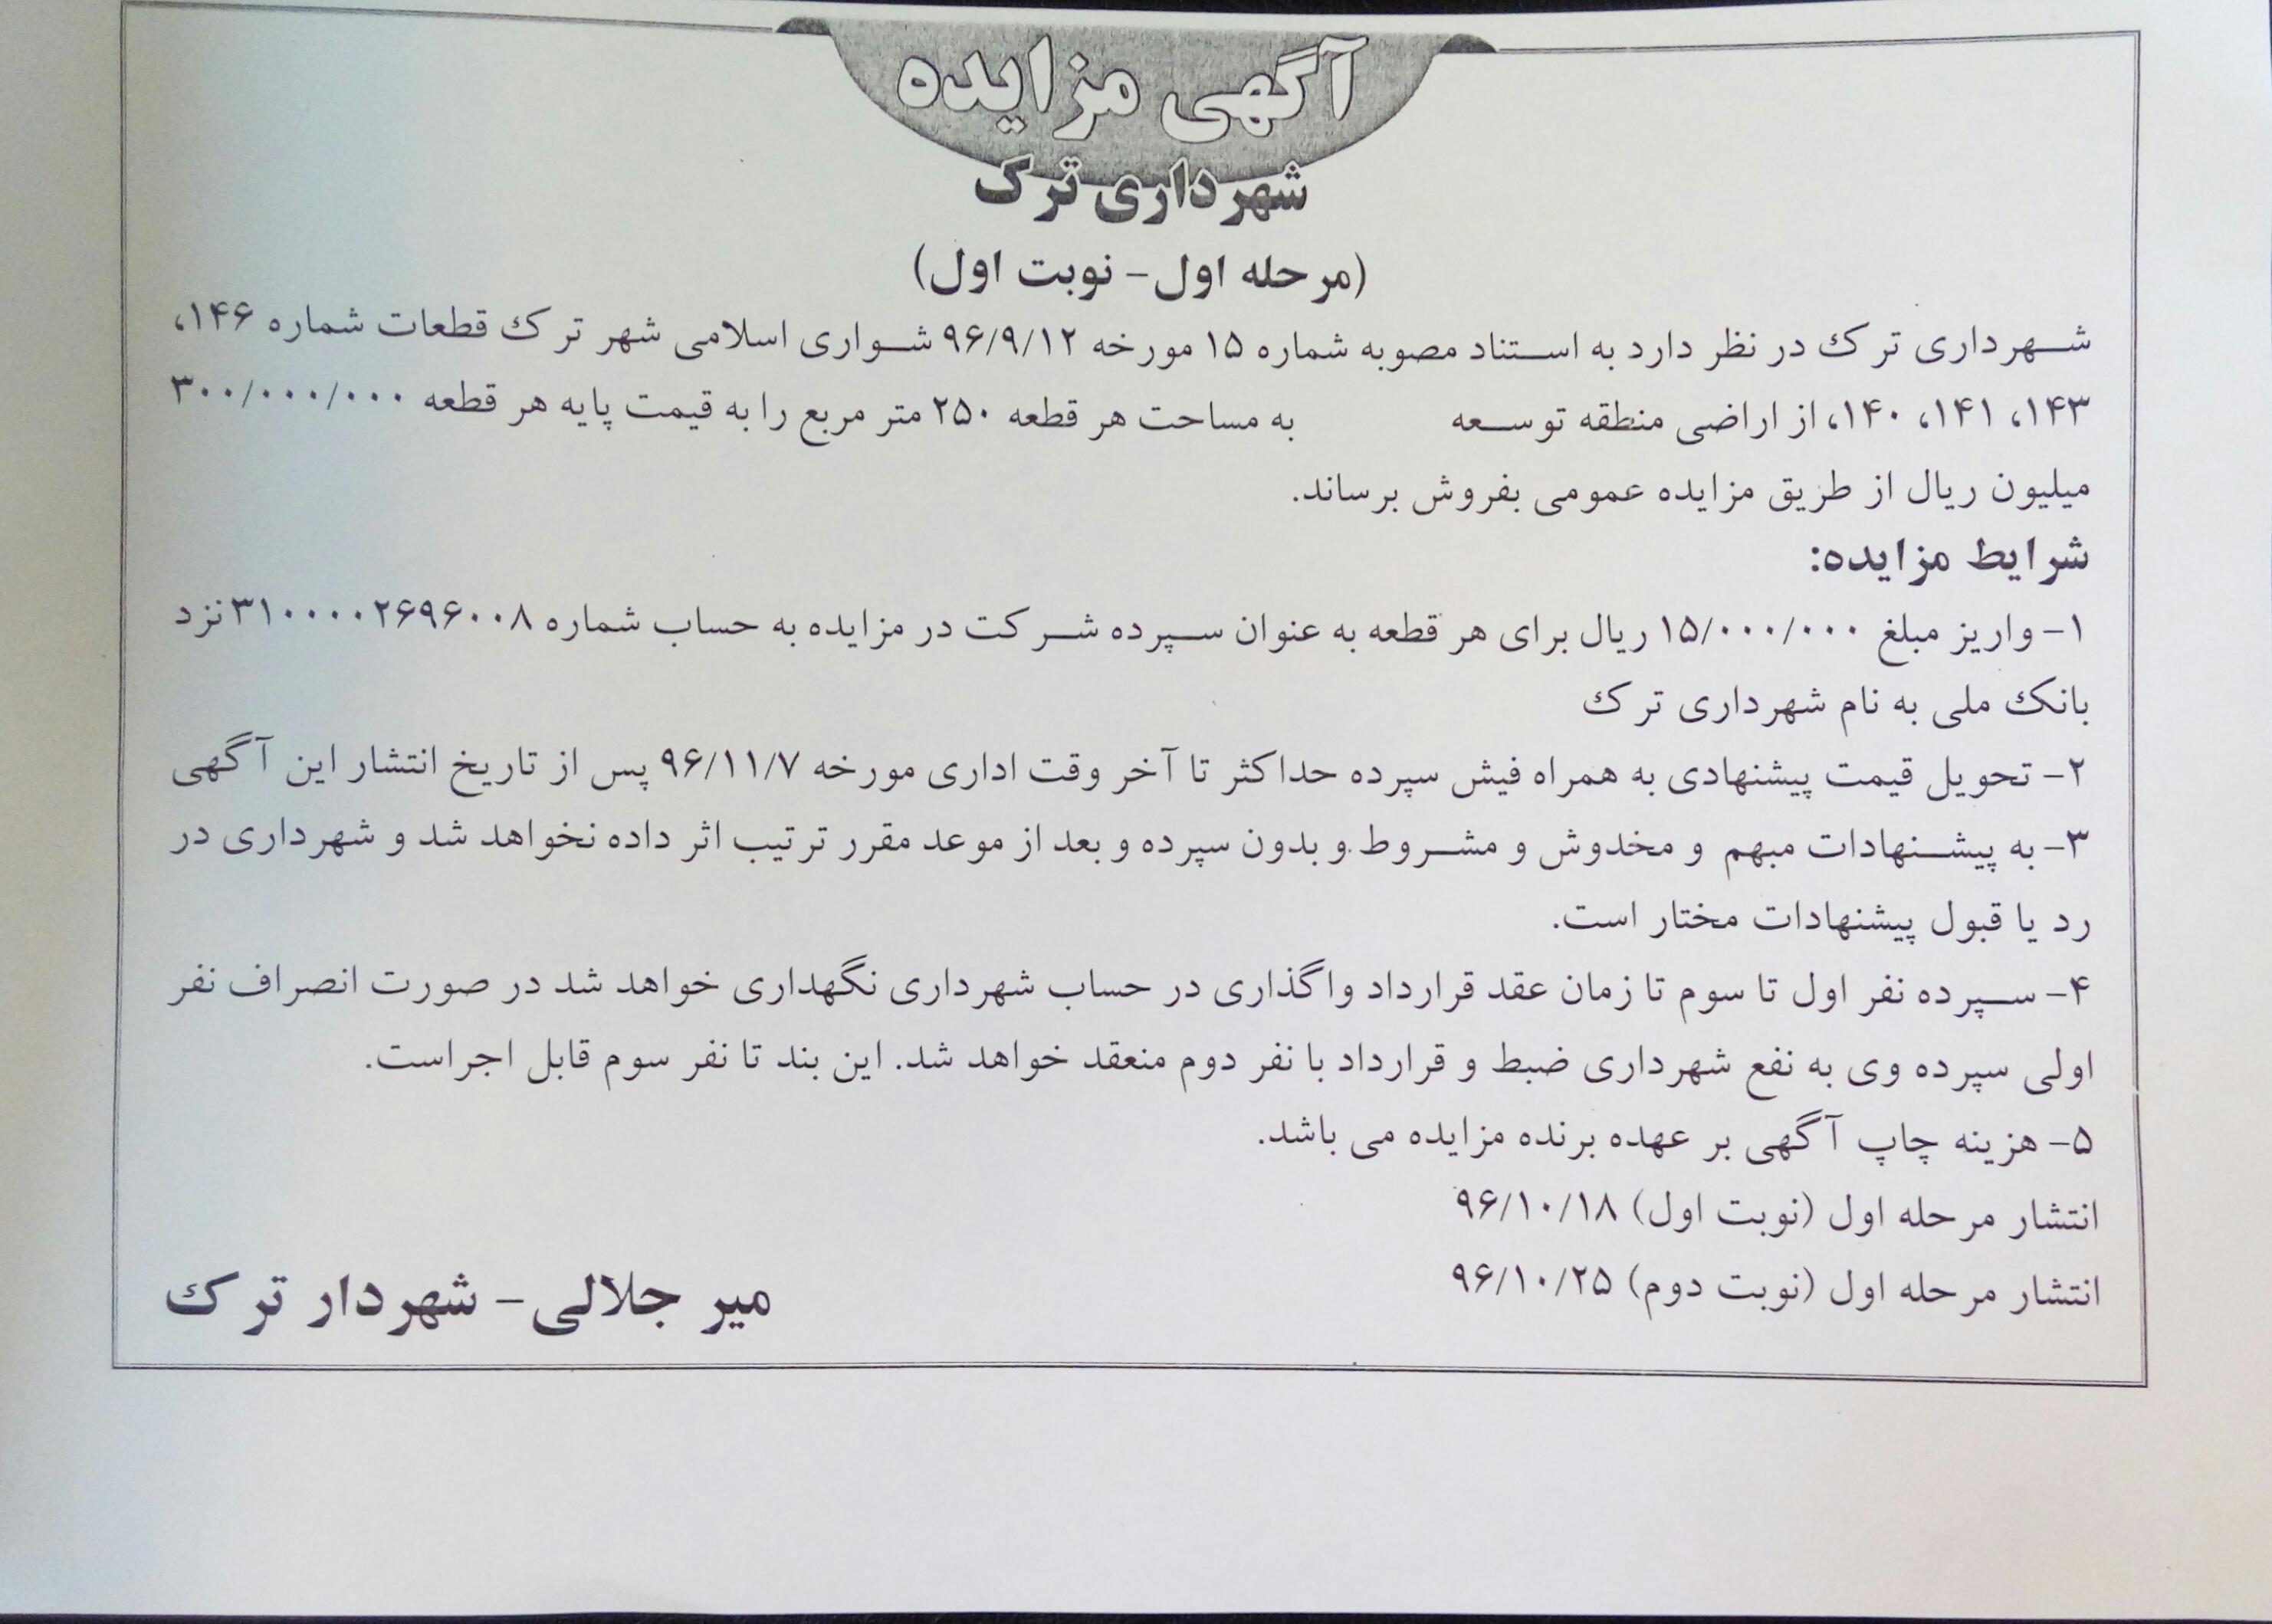 آگهی مزایده اراضی منطقه توسعه شهرداری ترک